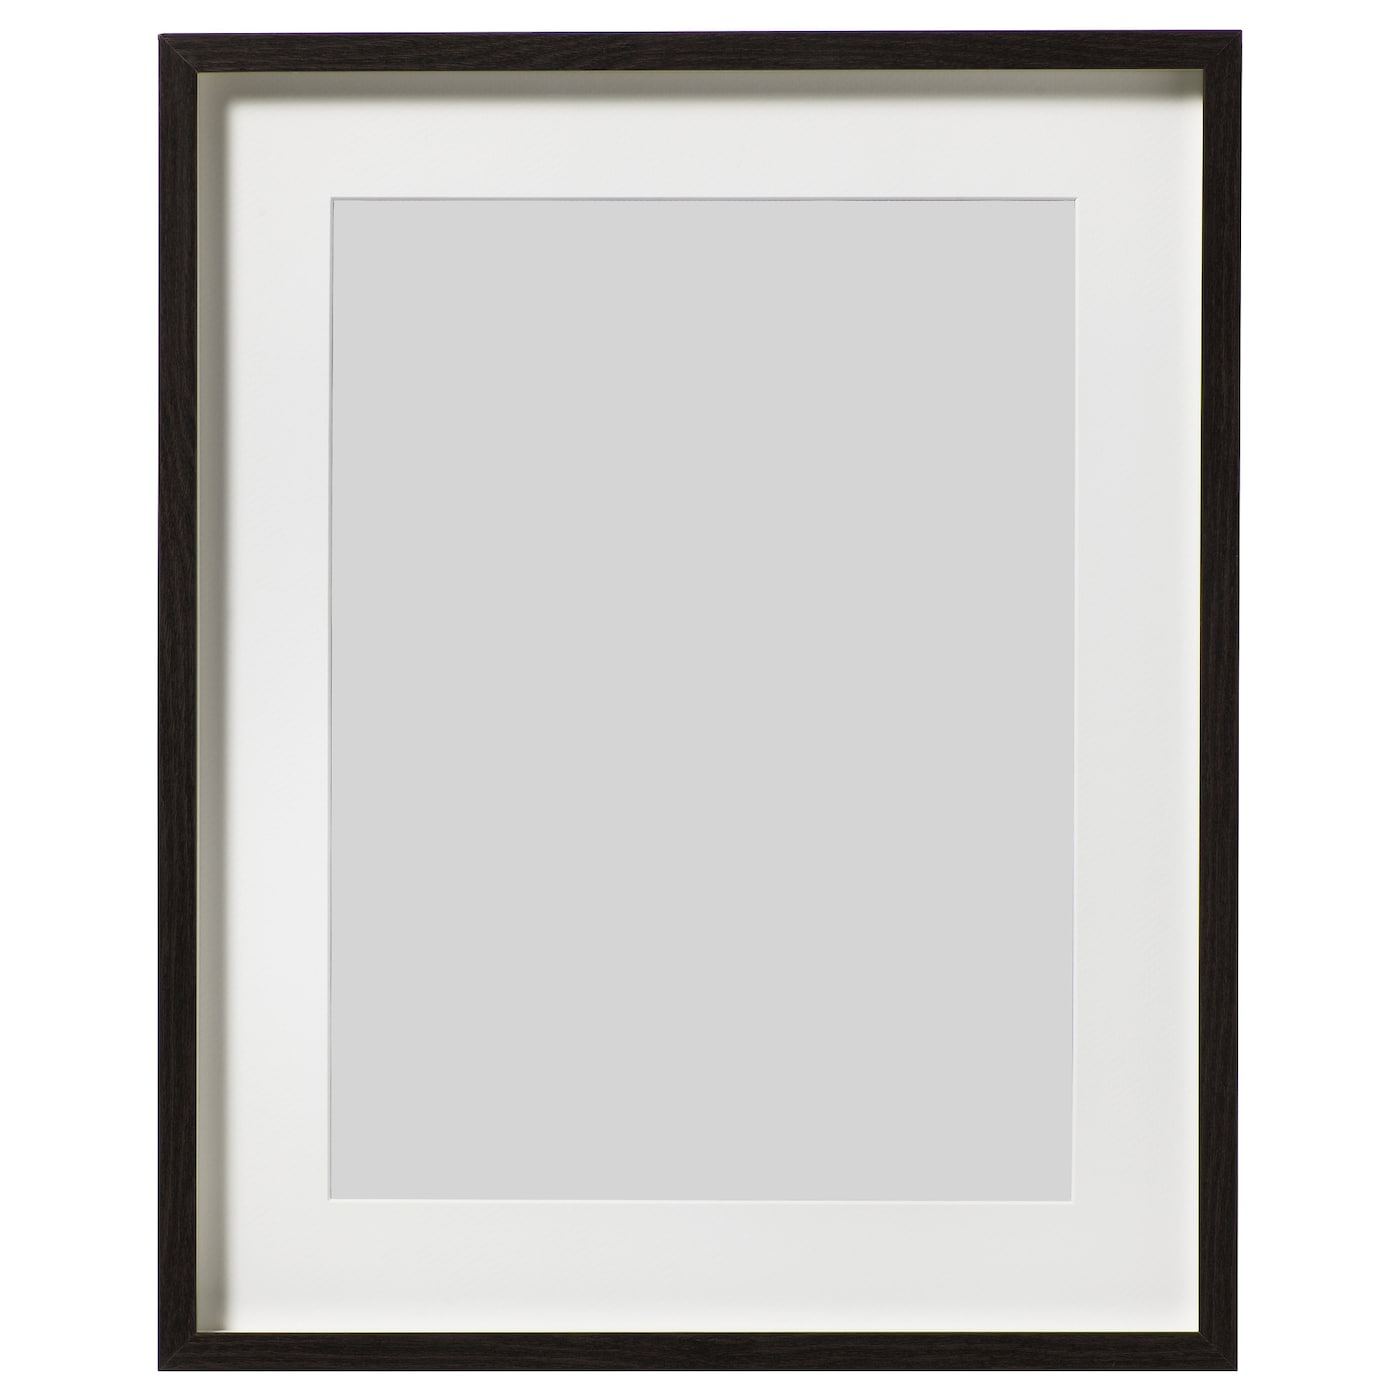 HOVSTA Marco Marrón oscuro 40 x 50 cm - IKEA